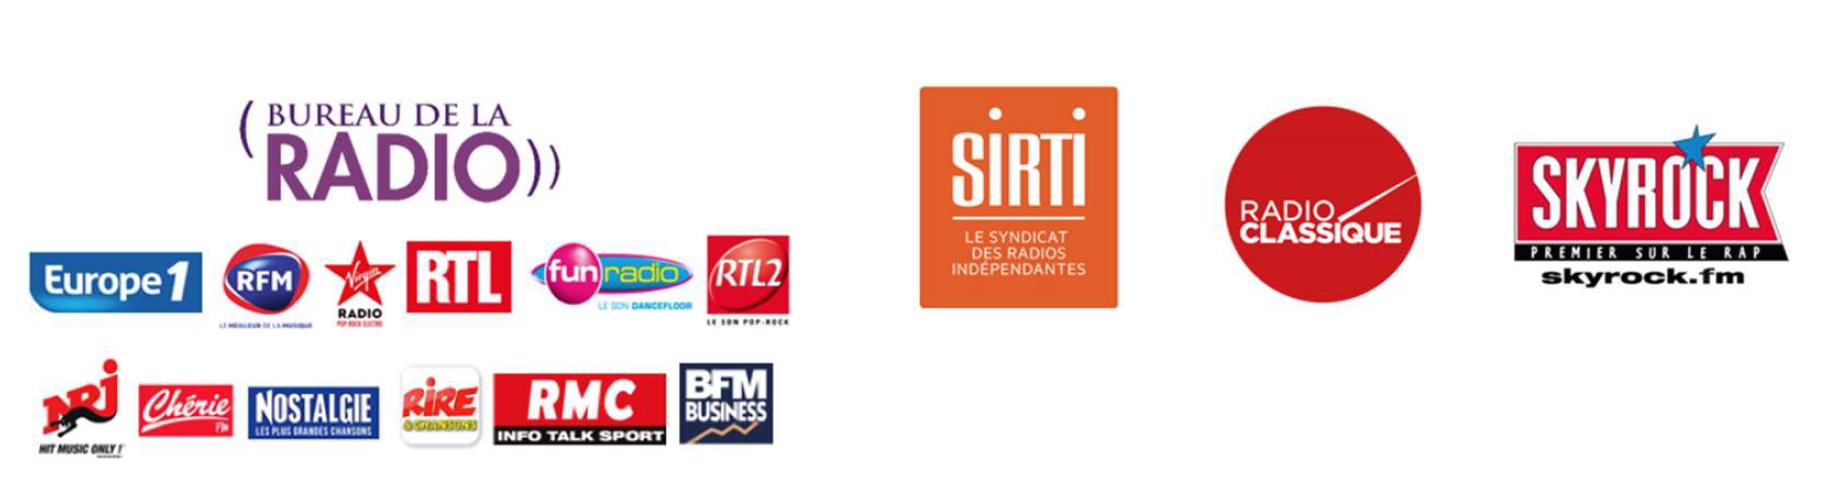 Pub à Radio France : les radios privées en appellent à la responsabilité du Gouvernement